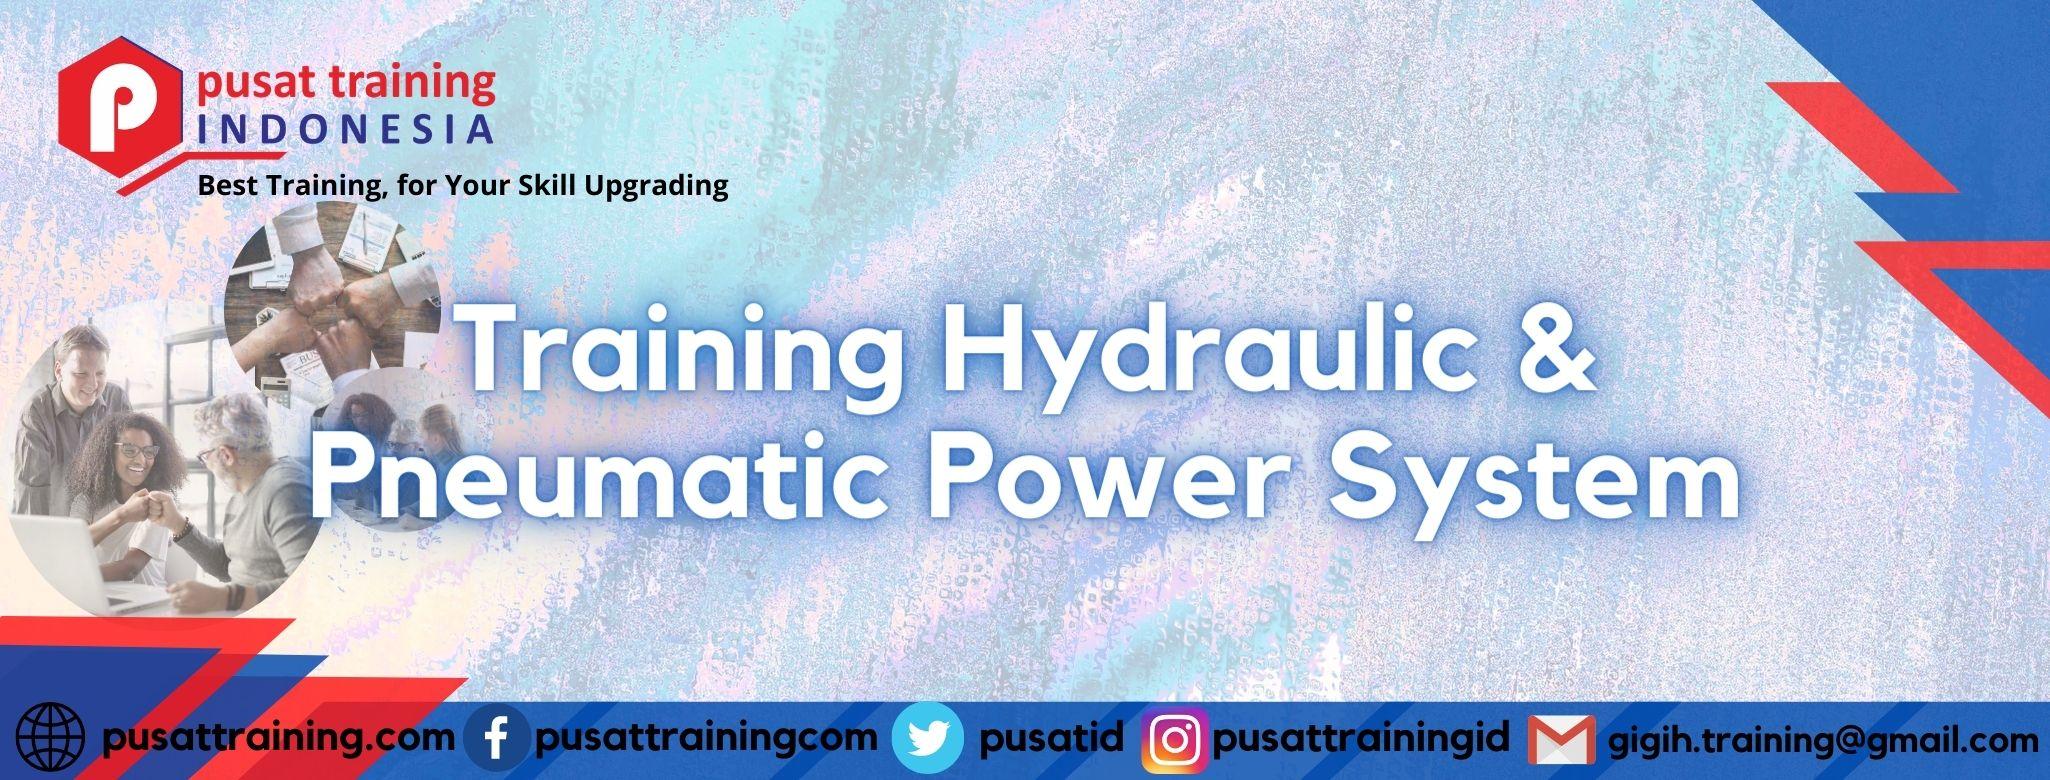 Training-Hydraulic-Pneumatic-Power-System